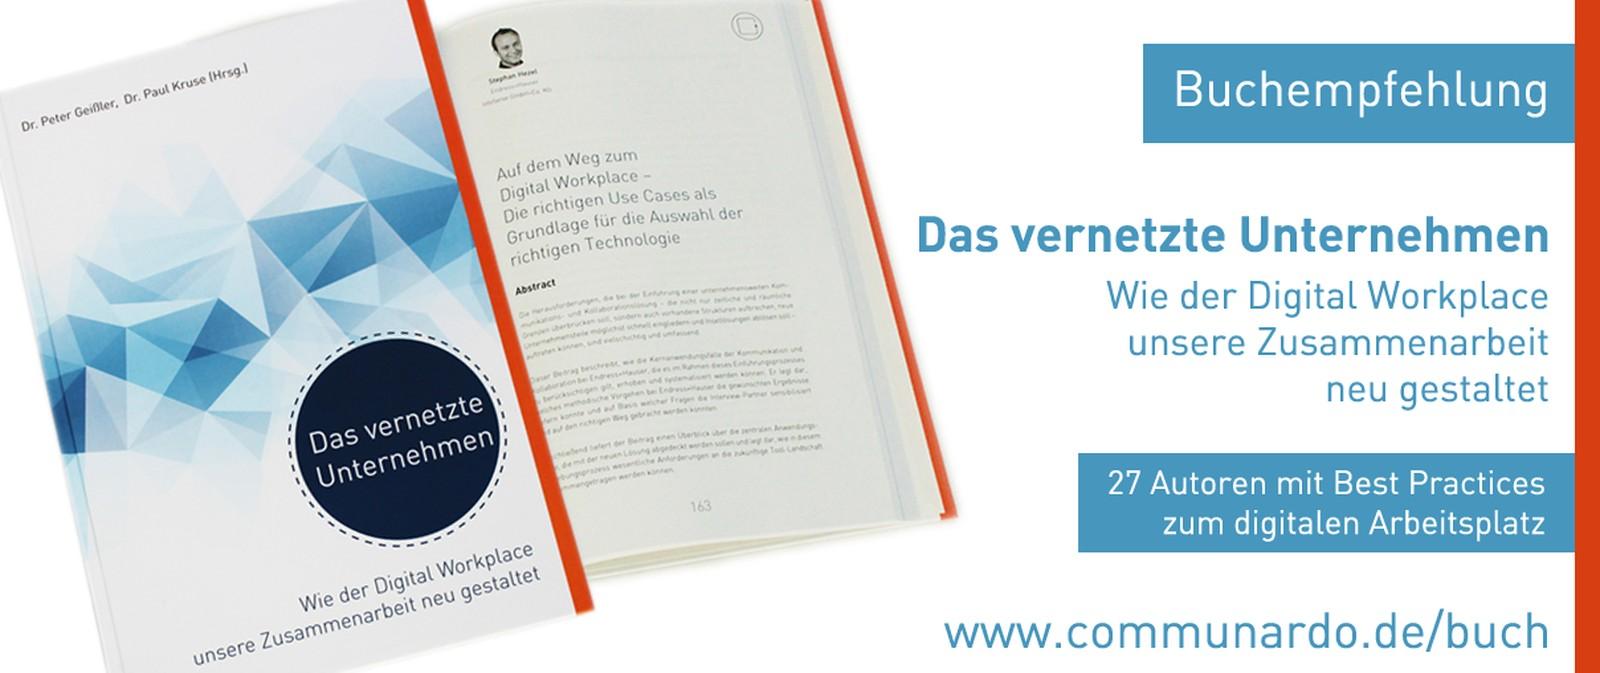 Das vernetzte Unternehmen (Banner)